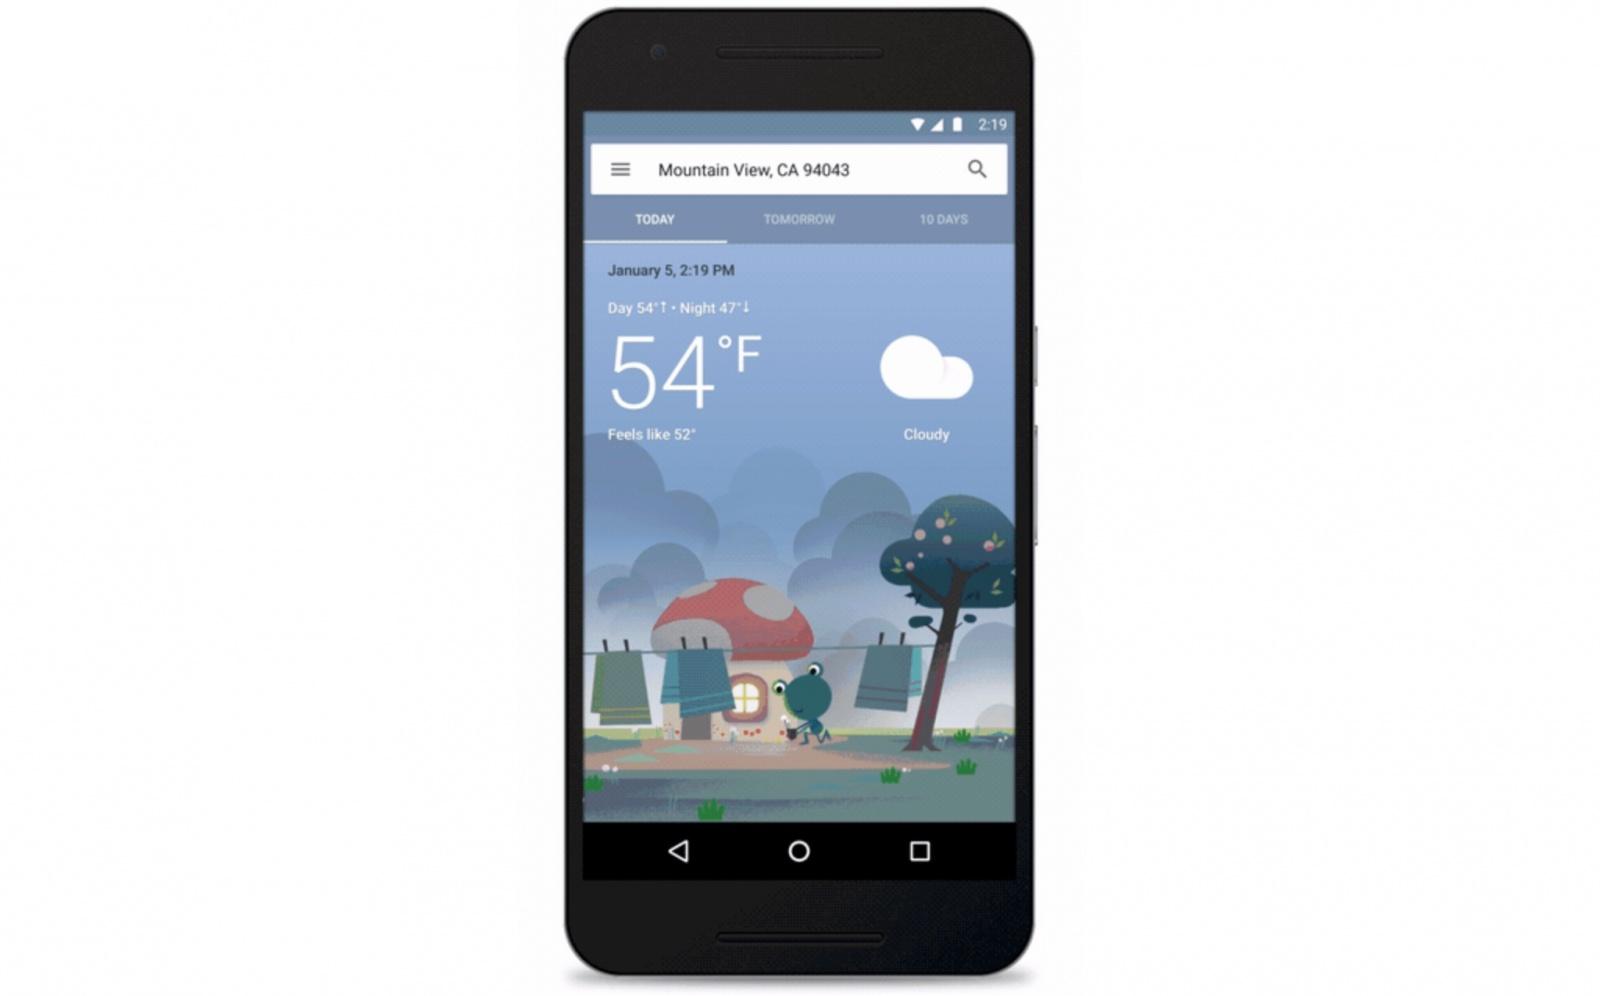 Google พัฒนารูปแบบของแอพพลิเคชั่นพยากรณ์อากาศรูปแบบใหม่ไฉไลกว่าเดิม!